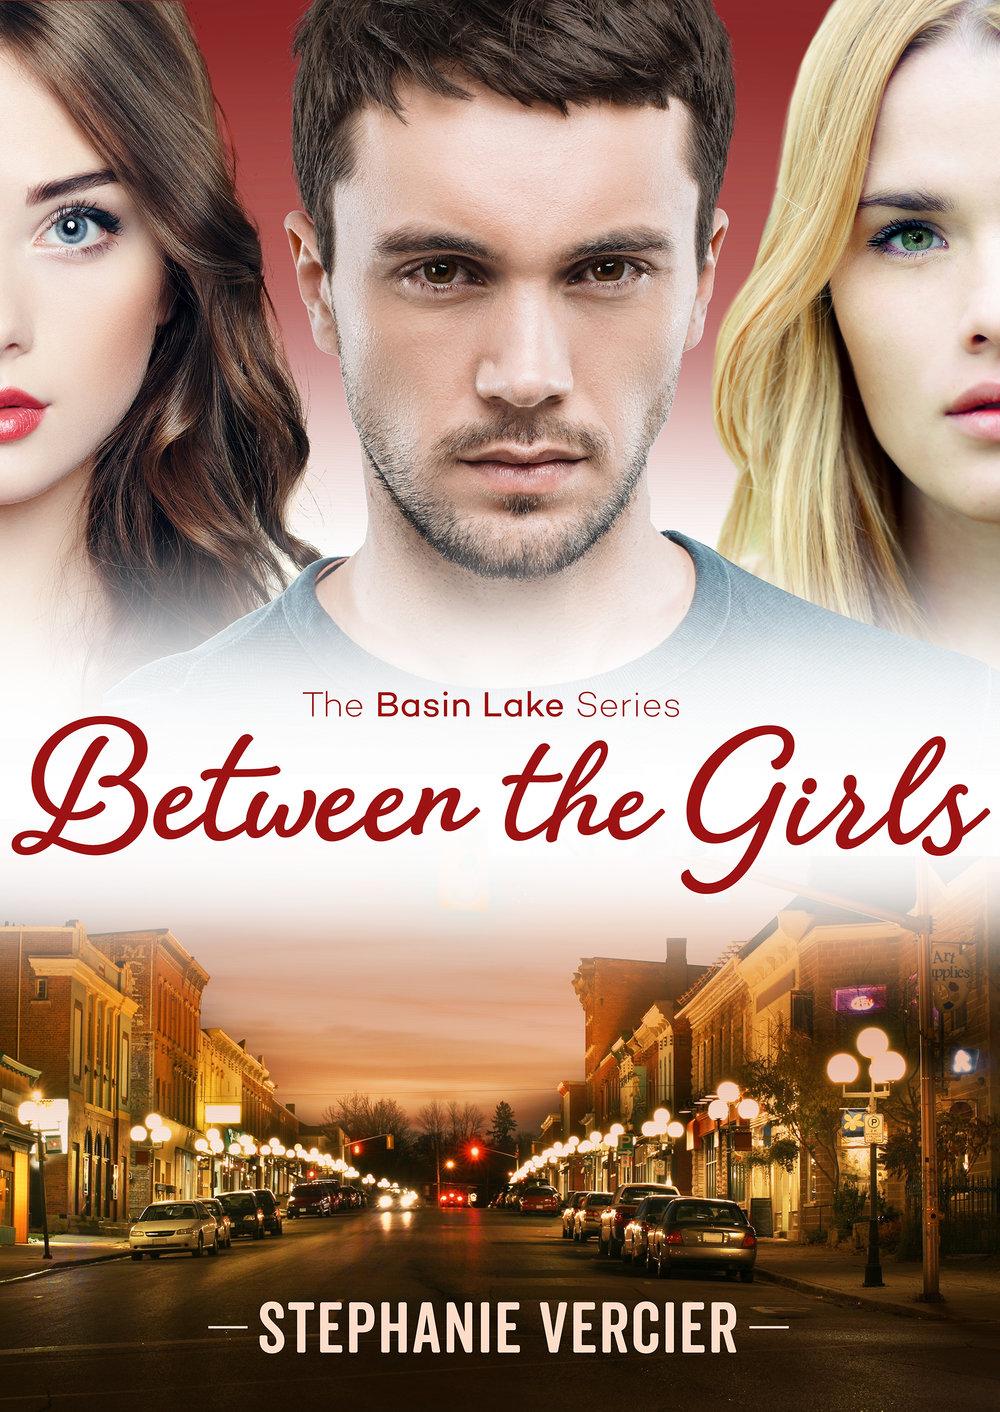 Between the Girls